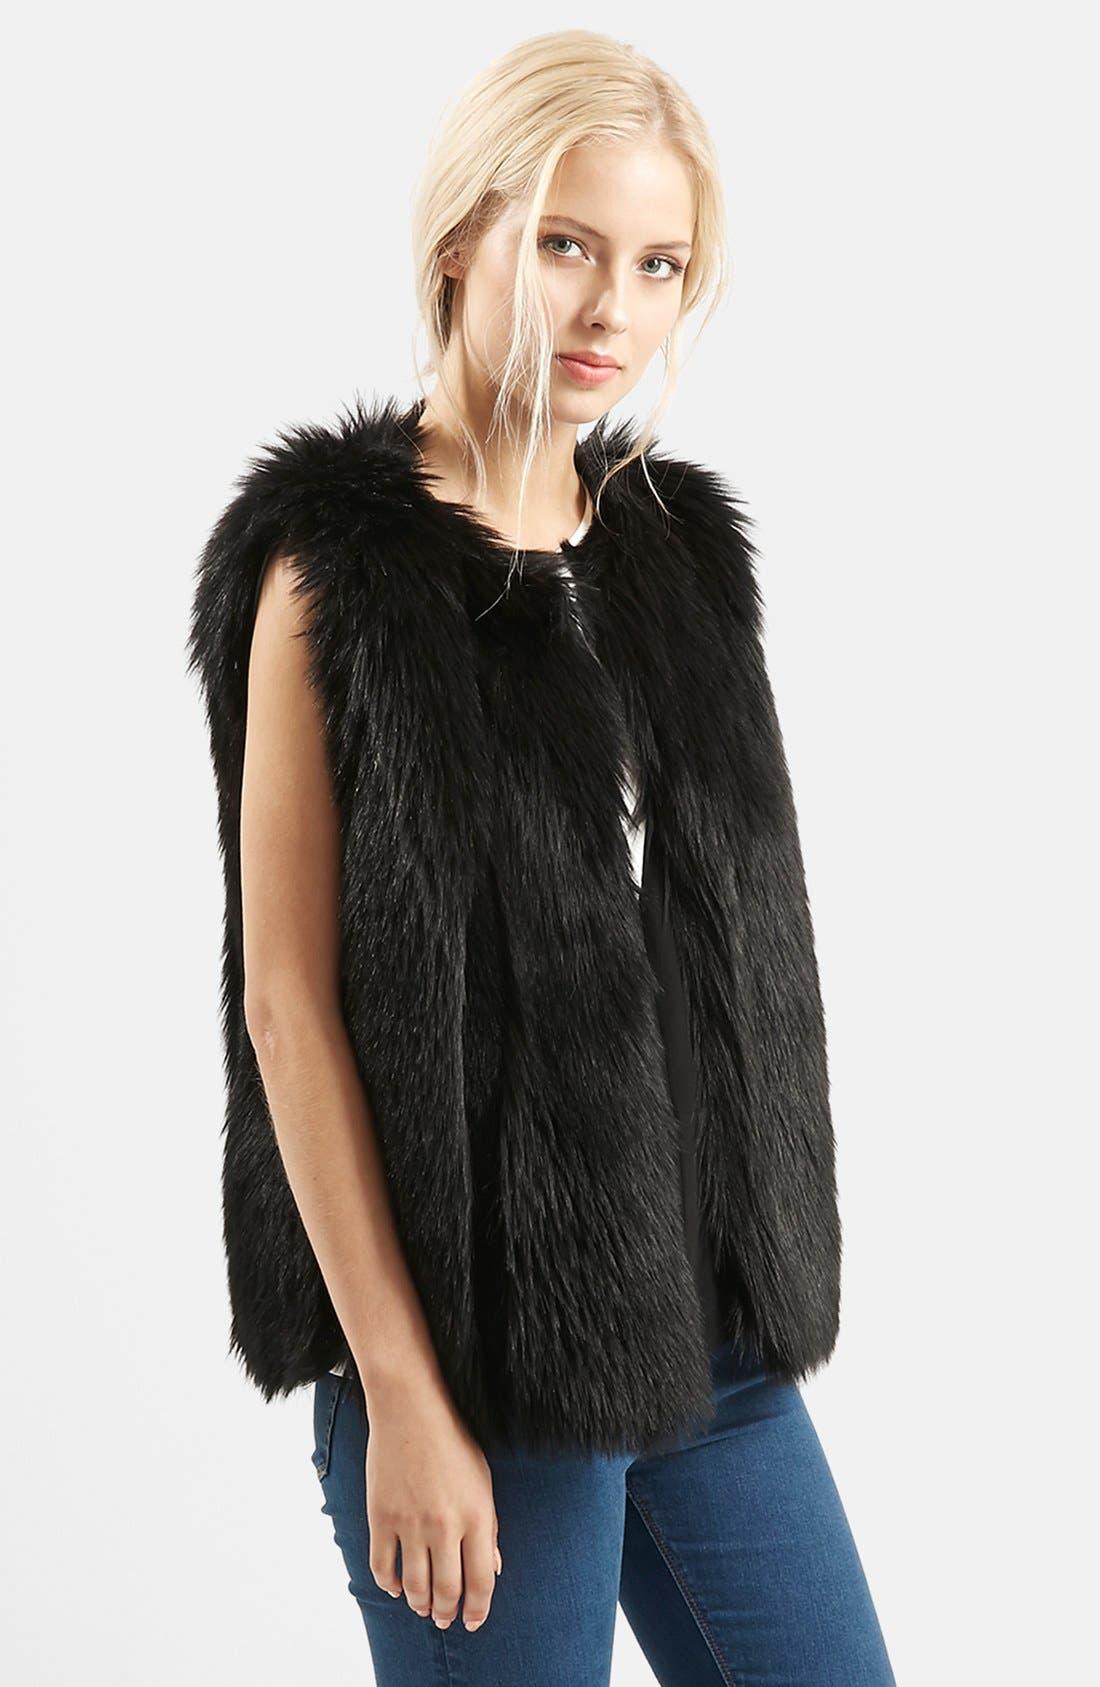 TOPSHOP, 'Leah' Faux Fur Vest, Main thumbnail 1, color, 001